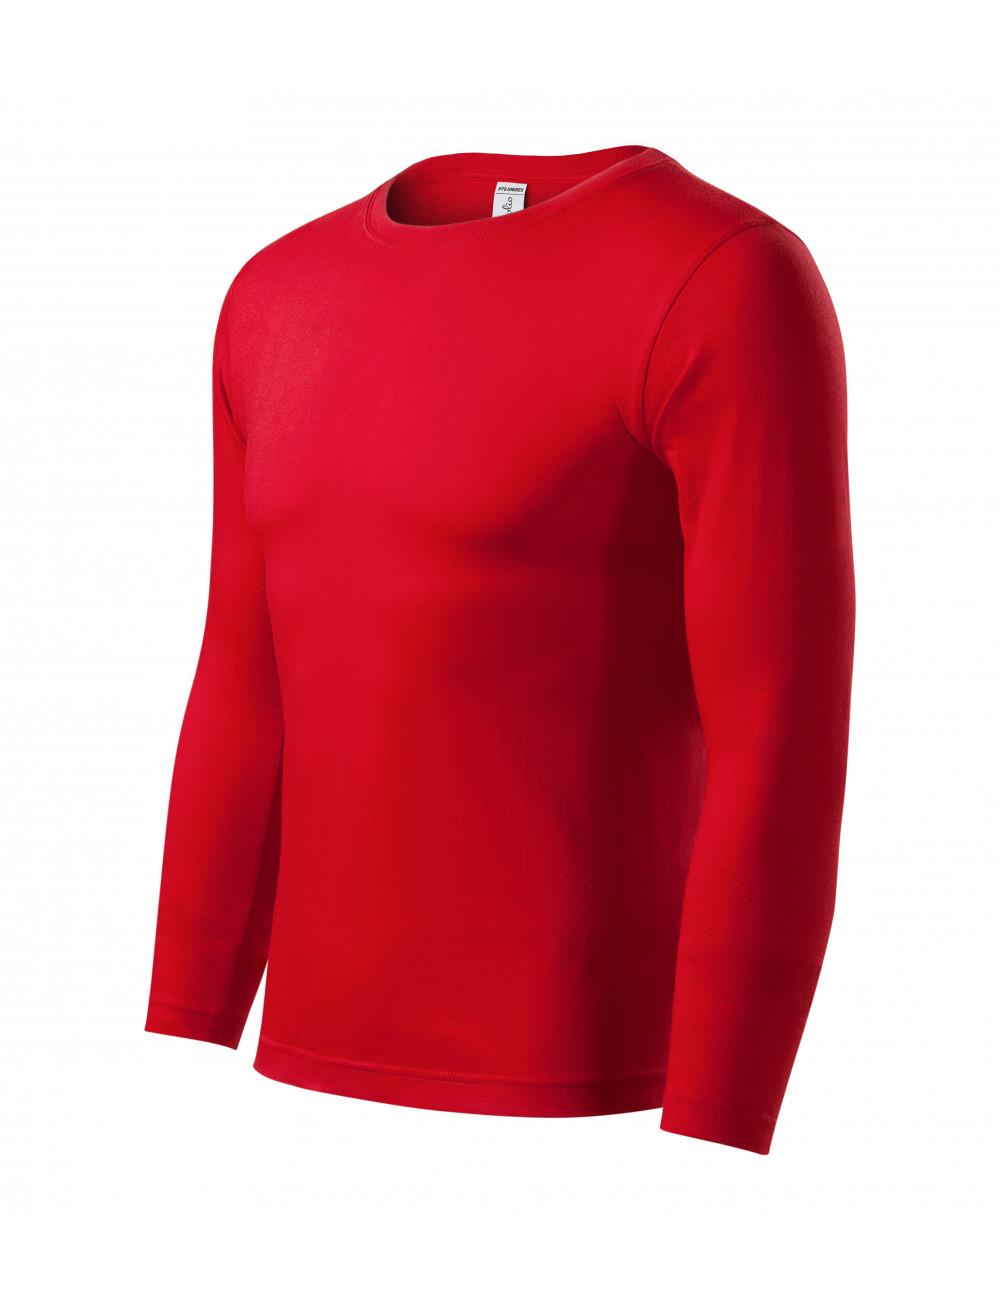 Adler PICCOLIO Koszulka unisex Progress LS P75 czerwony